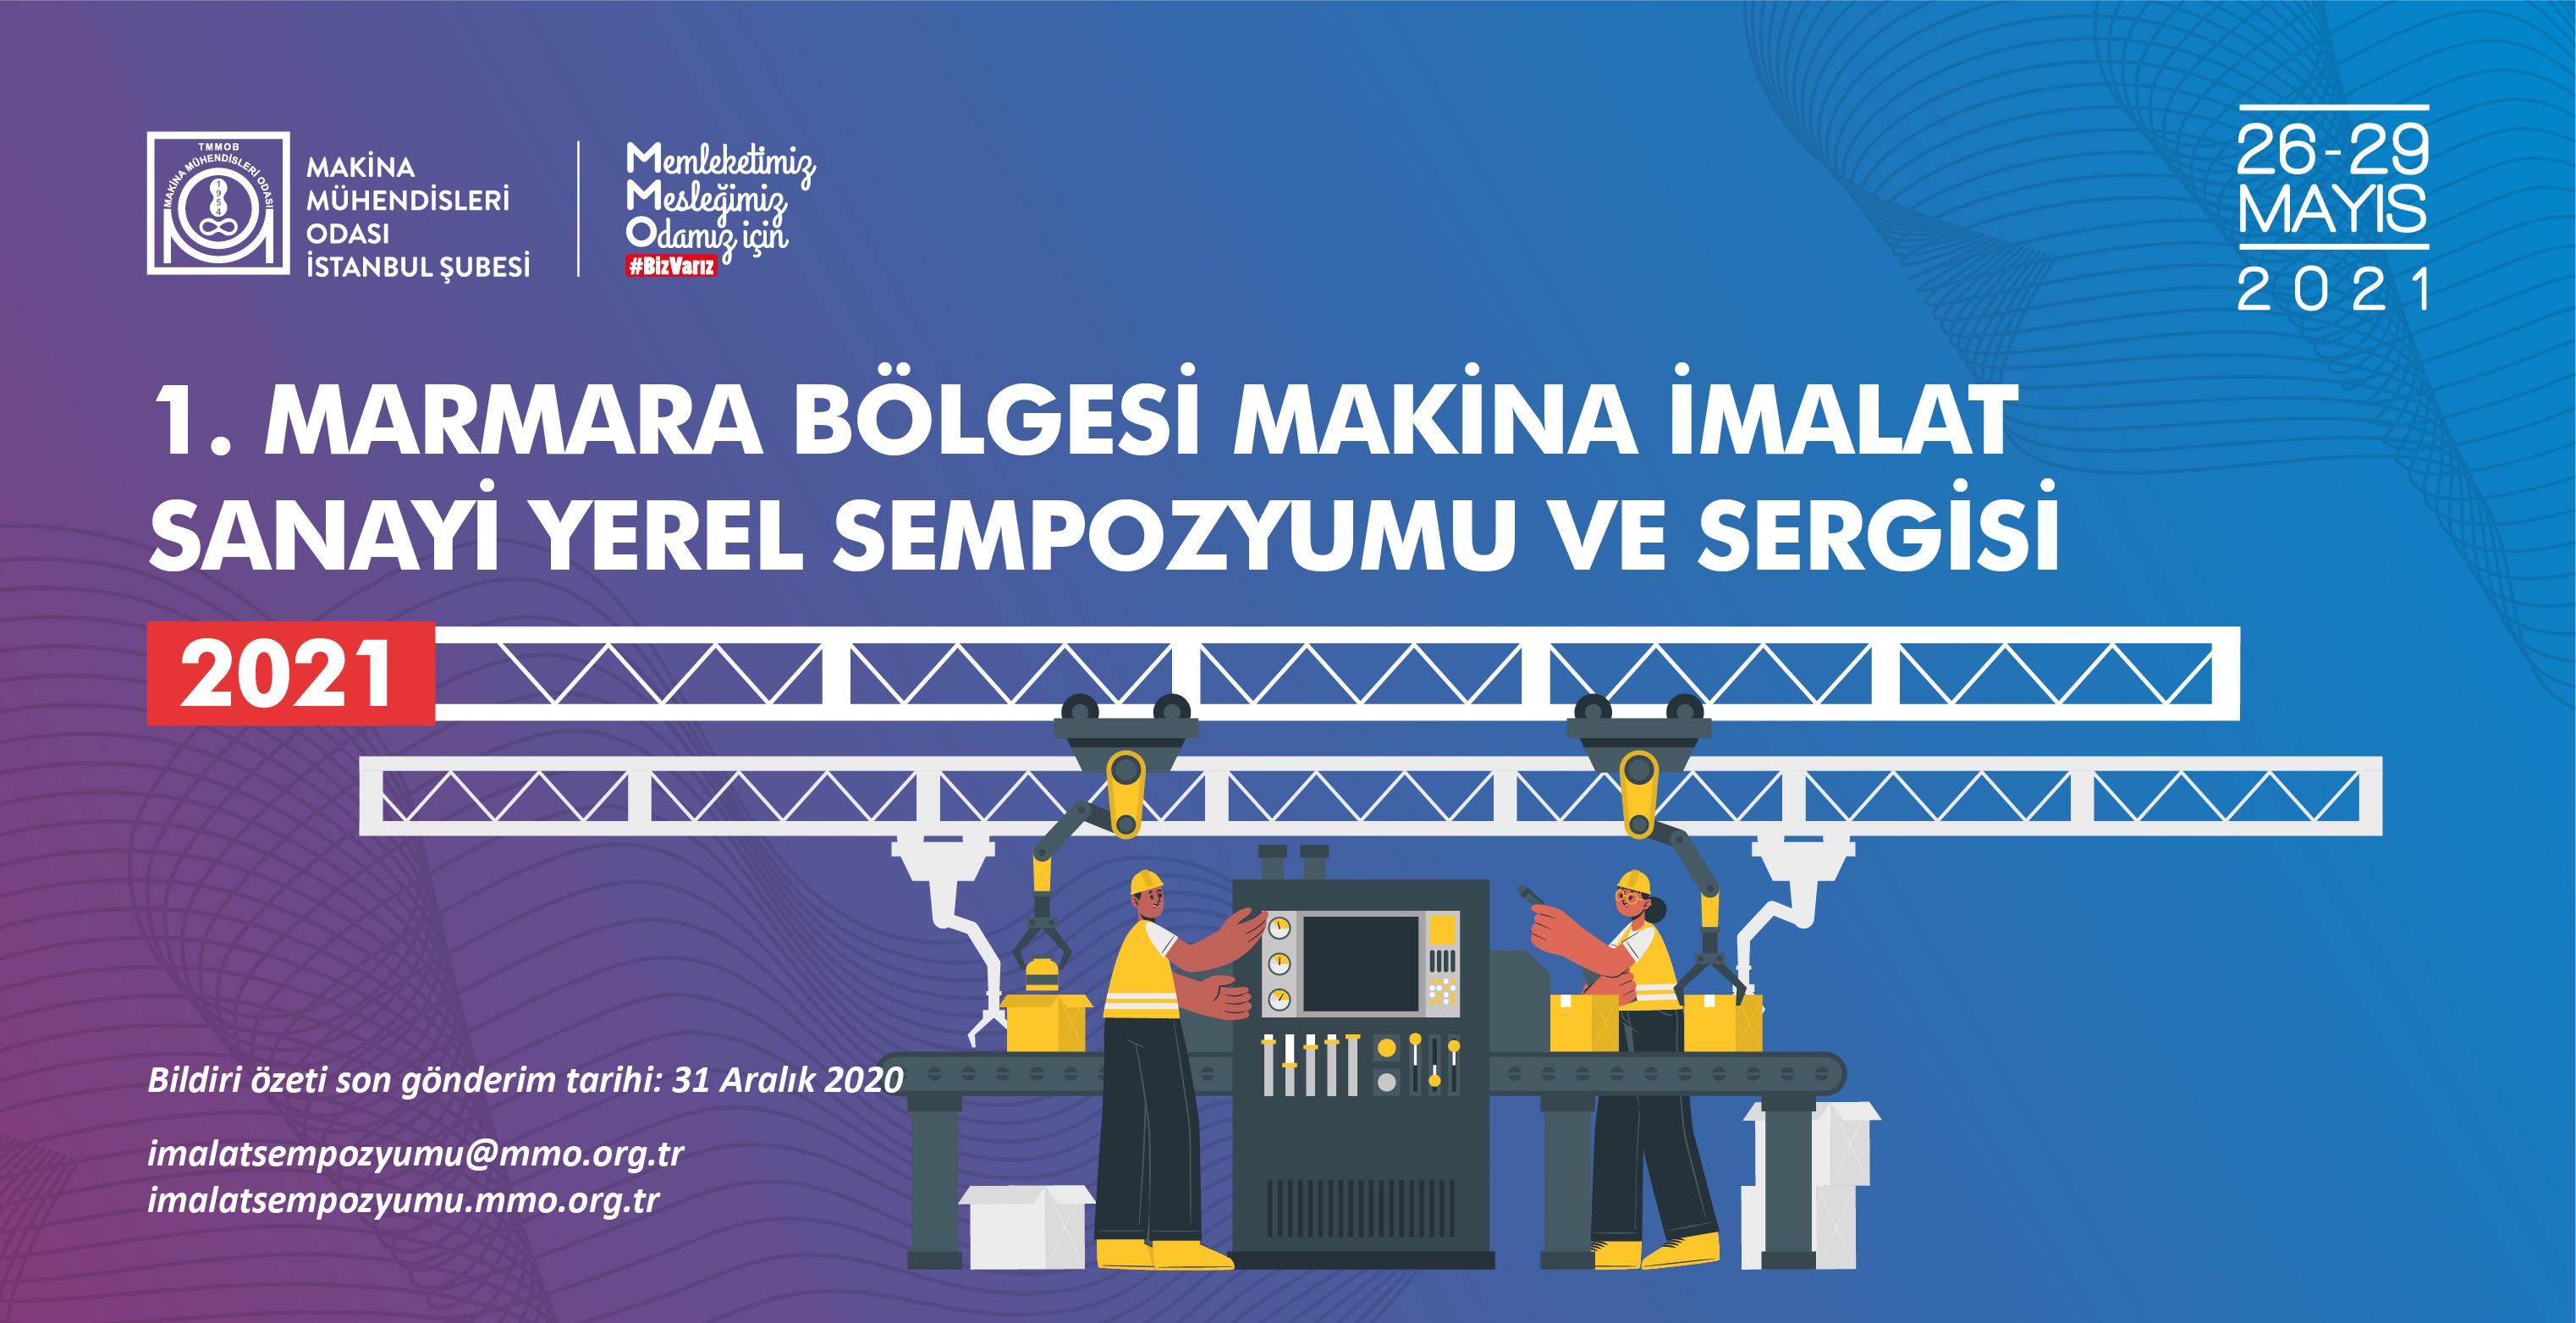 1. Marmara Bölgesi Makina İmalat Sanayi Yerel Sempozyumu ve Sergisi 26-29 Mayıs 2021'de Gerçekleştirilecek